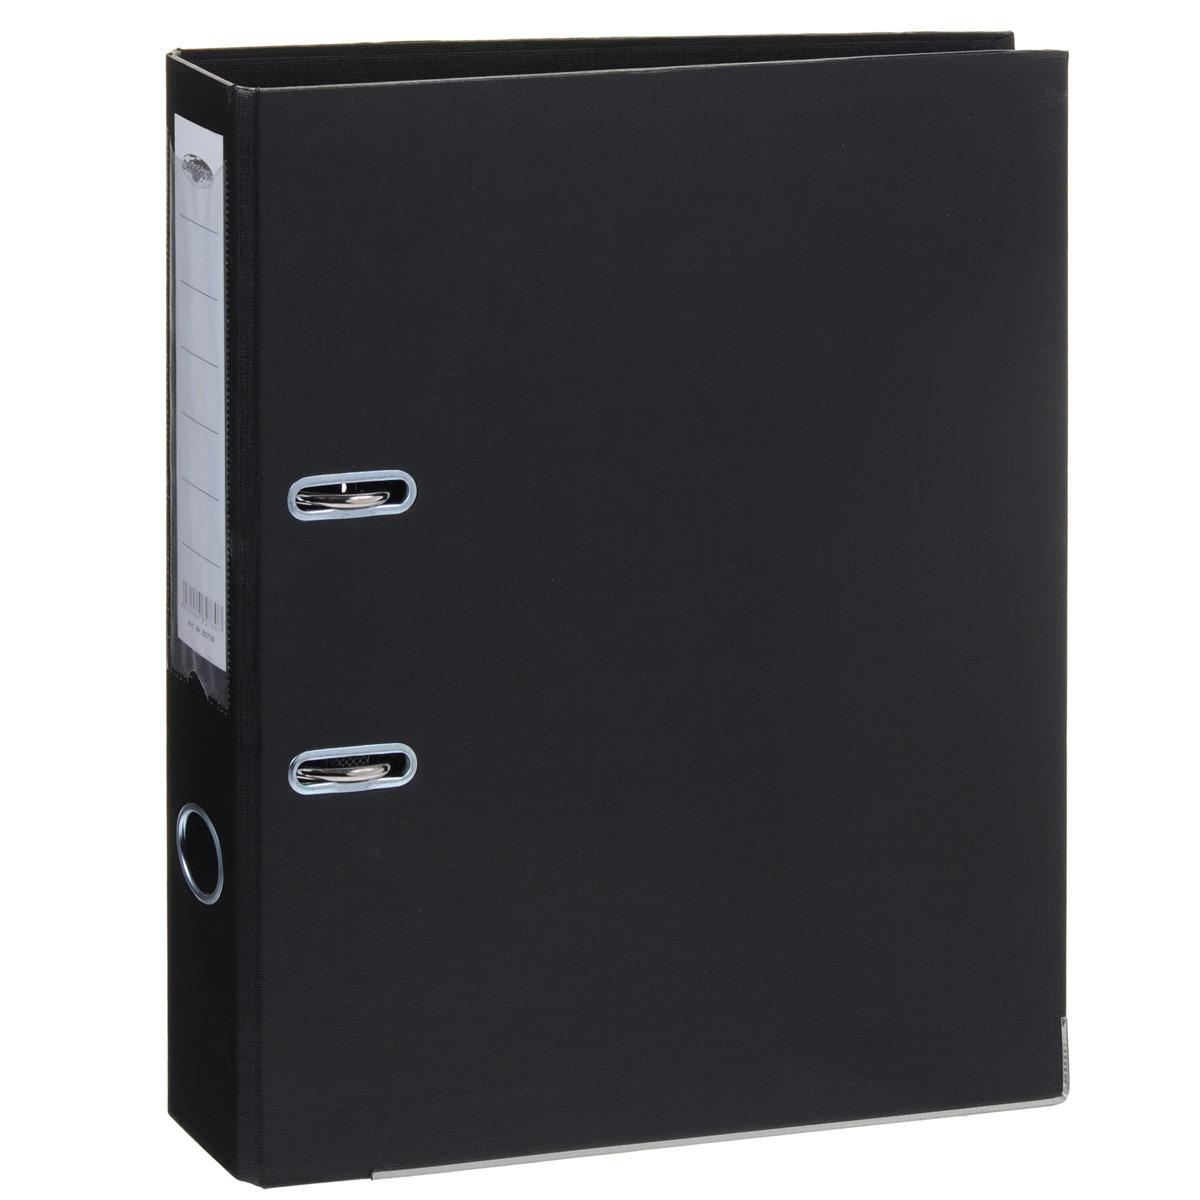 Папка-регистратор Centrum, ширина корешка 50 мм, цвет: черный82730Папка-регистратор Centrum пригодится в каждом офисе и доме для хранения больших объемов документов. Внешняя сторона папки выполнена из плотного картона с двусторонним ПВХ-покрытием, что обеспечивает устойчивость к влаге и износу. Нижняя кромка папки защищена от истирания металлической окантовкой. Папка-регистратор оснащена надежным арочным механизмом крепления бумаги. Круглое отверстие в корешке папки облегчит ее извлечение с полки, а прозрачный карман со съемной этикеткой позволяет маркировать содержимое. Ширина корешка 5 см.